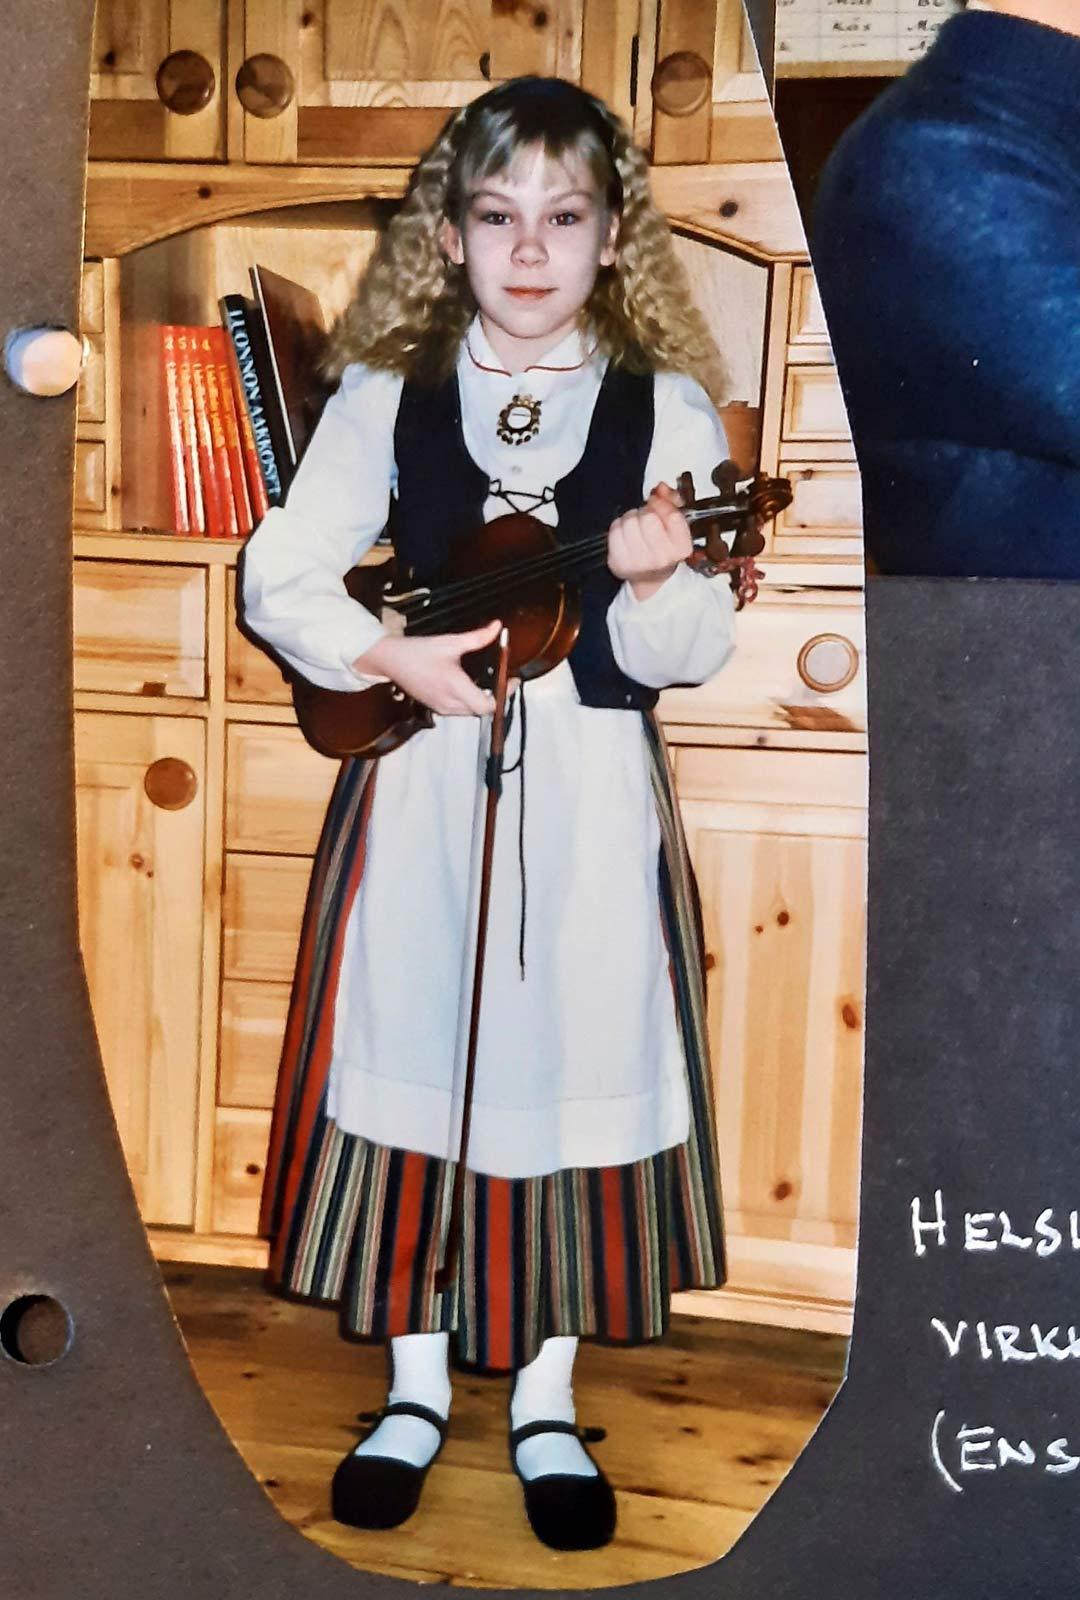 Johanna ala-asteikäisenä näppärinä. Musiikki oli ujolle ja varautuneelle tytölle tärkeä harrastus.